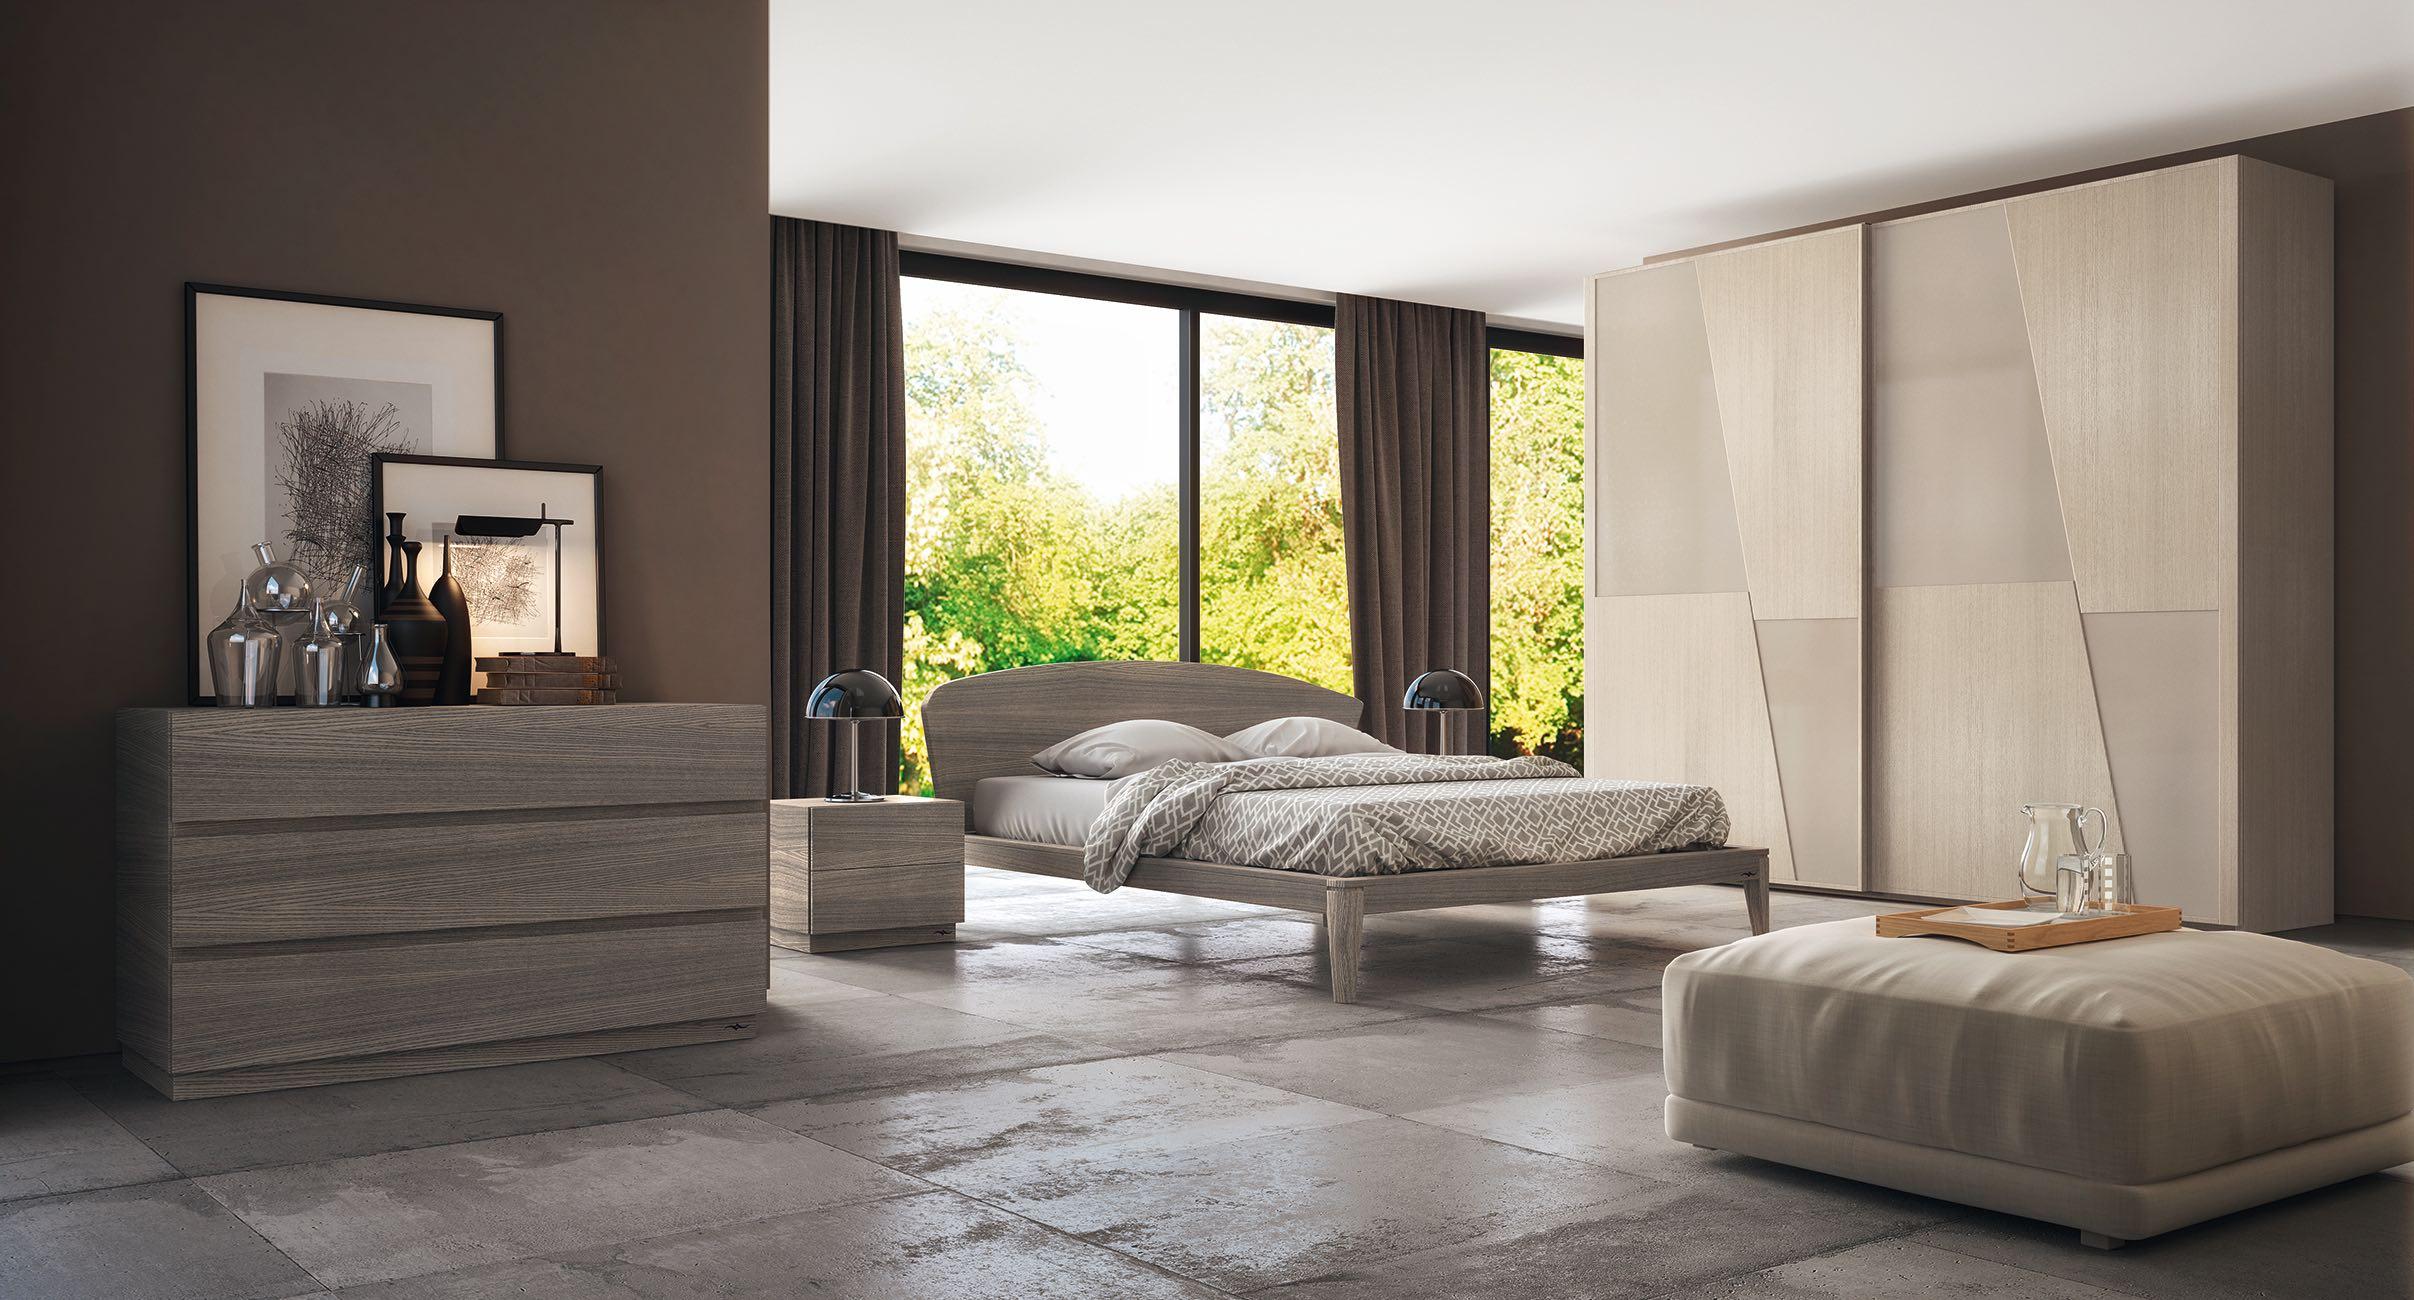 Camera da letto in legno massello della collezione Ecosfera di Accademia del Mobile. Esalta la natura e l'ambiente tenendo a cuore la salute in casa. Verniciata interamente ad acqua può essere accostata a tutte le cere profumate disponibili.